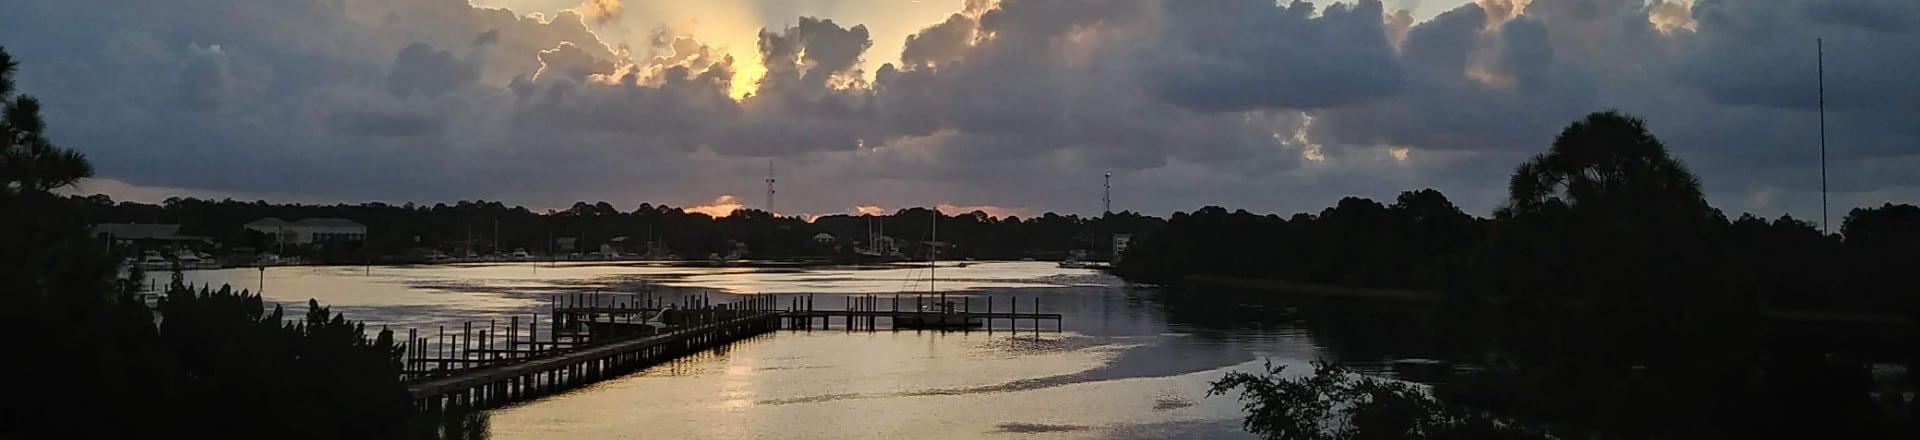 Harbor sunrise seen from Carrabelle bridge Header